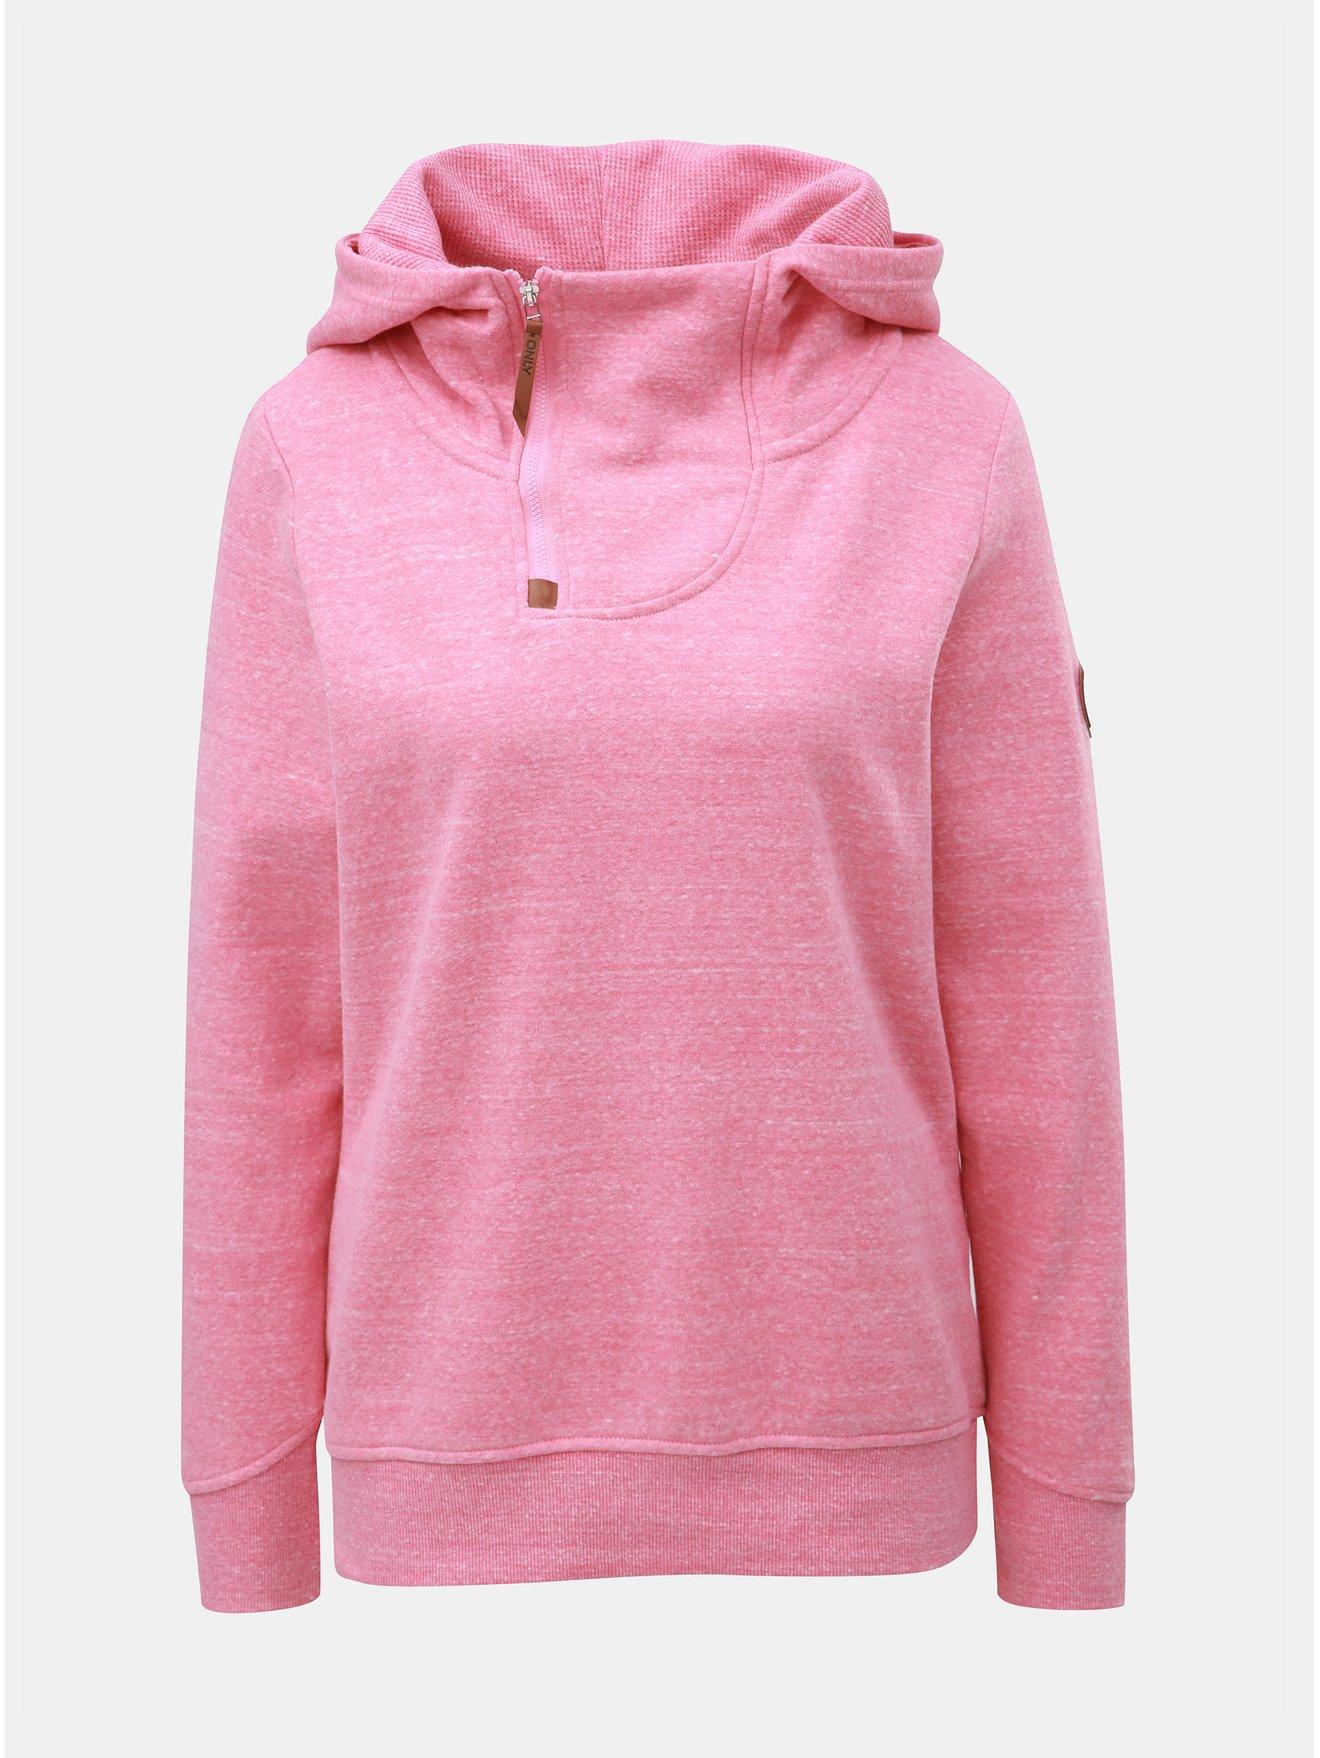 2abe716ec14 Růžová žíhaná mikina s límcem a kapucí ONLY Laura